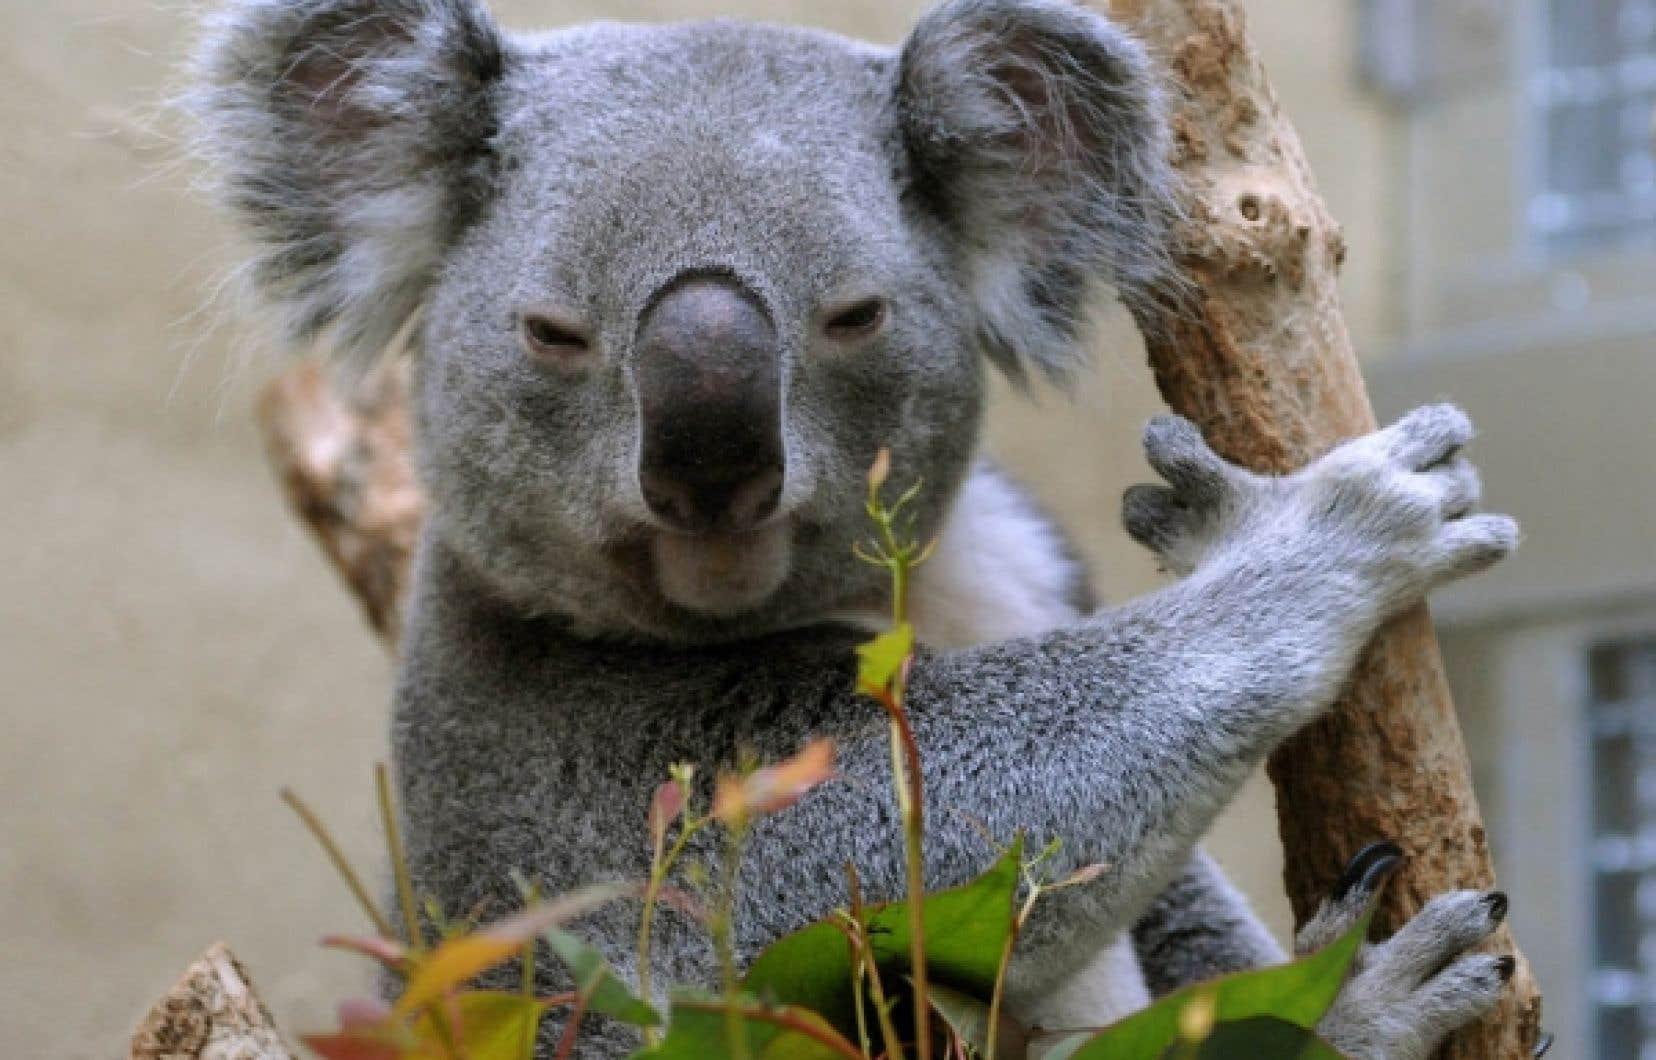 Menacé, le koala est inscrit sur la «liste rouge» de l'Union internationale pour la conservation de la nature, tout comme le renard arctique et le béluga.